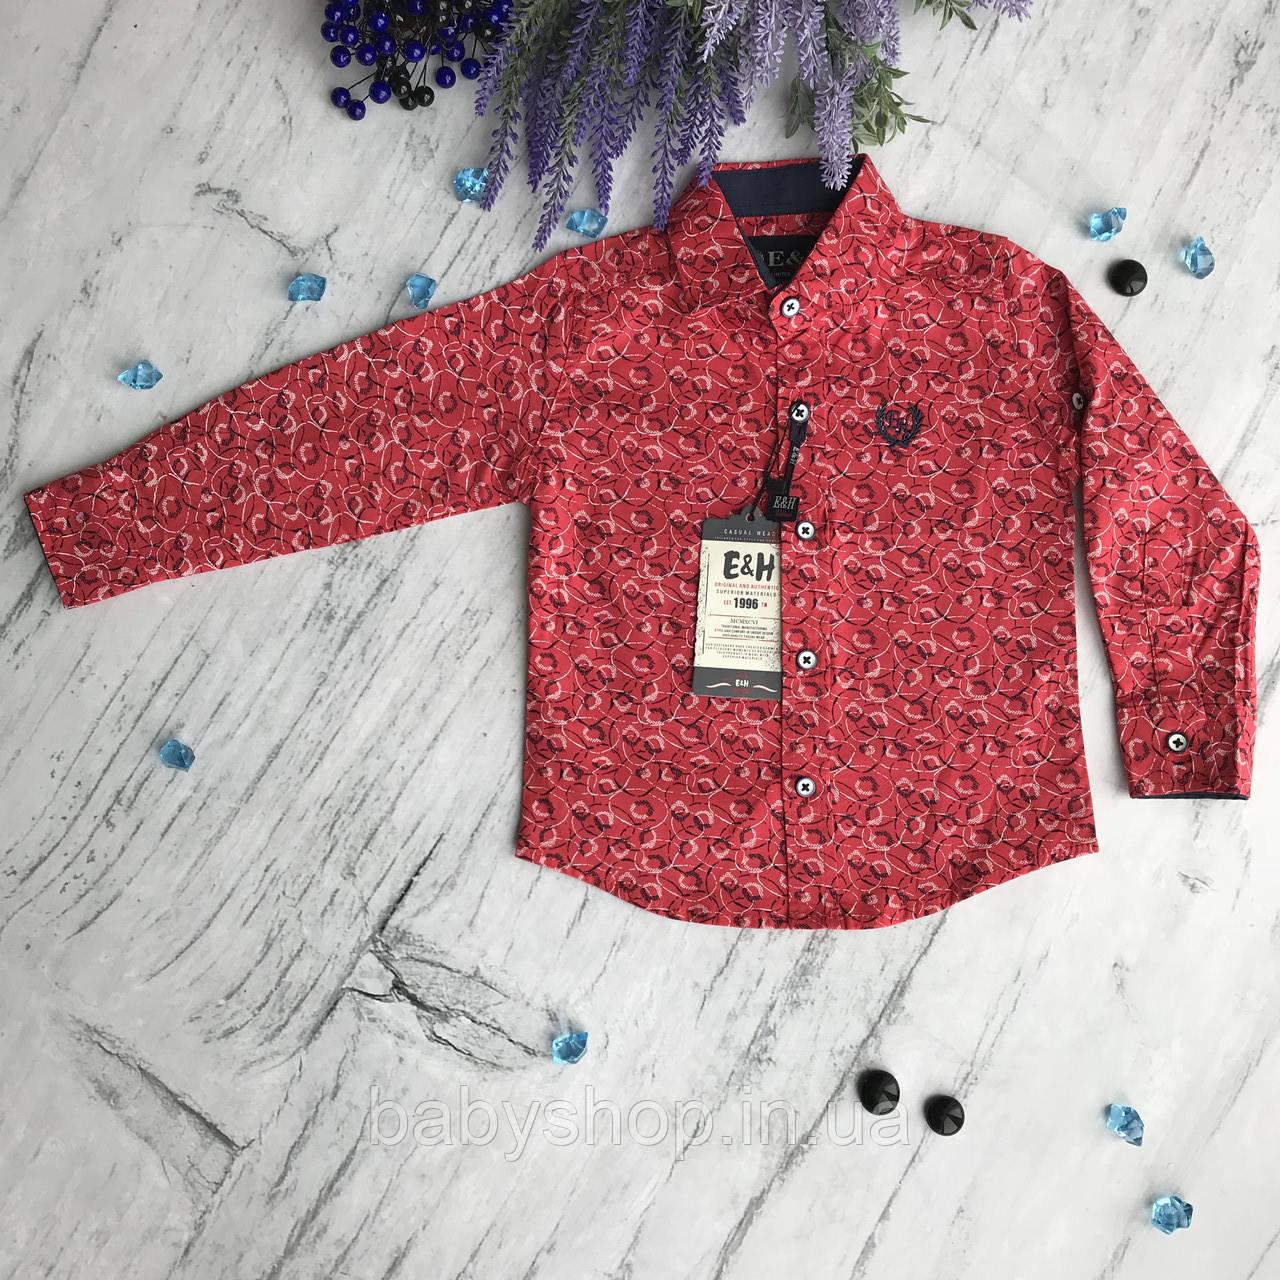 Рубашка на мальчика Breeze 12. Размер 74, 80, 92, 98 см